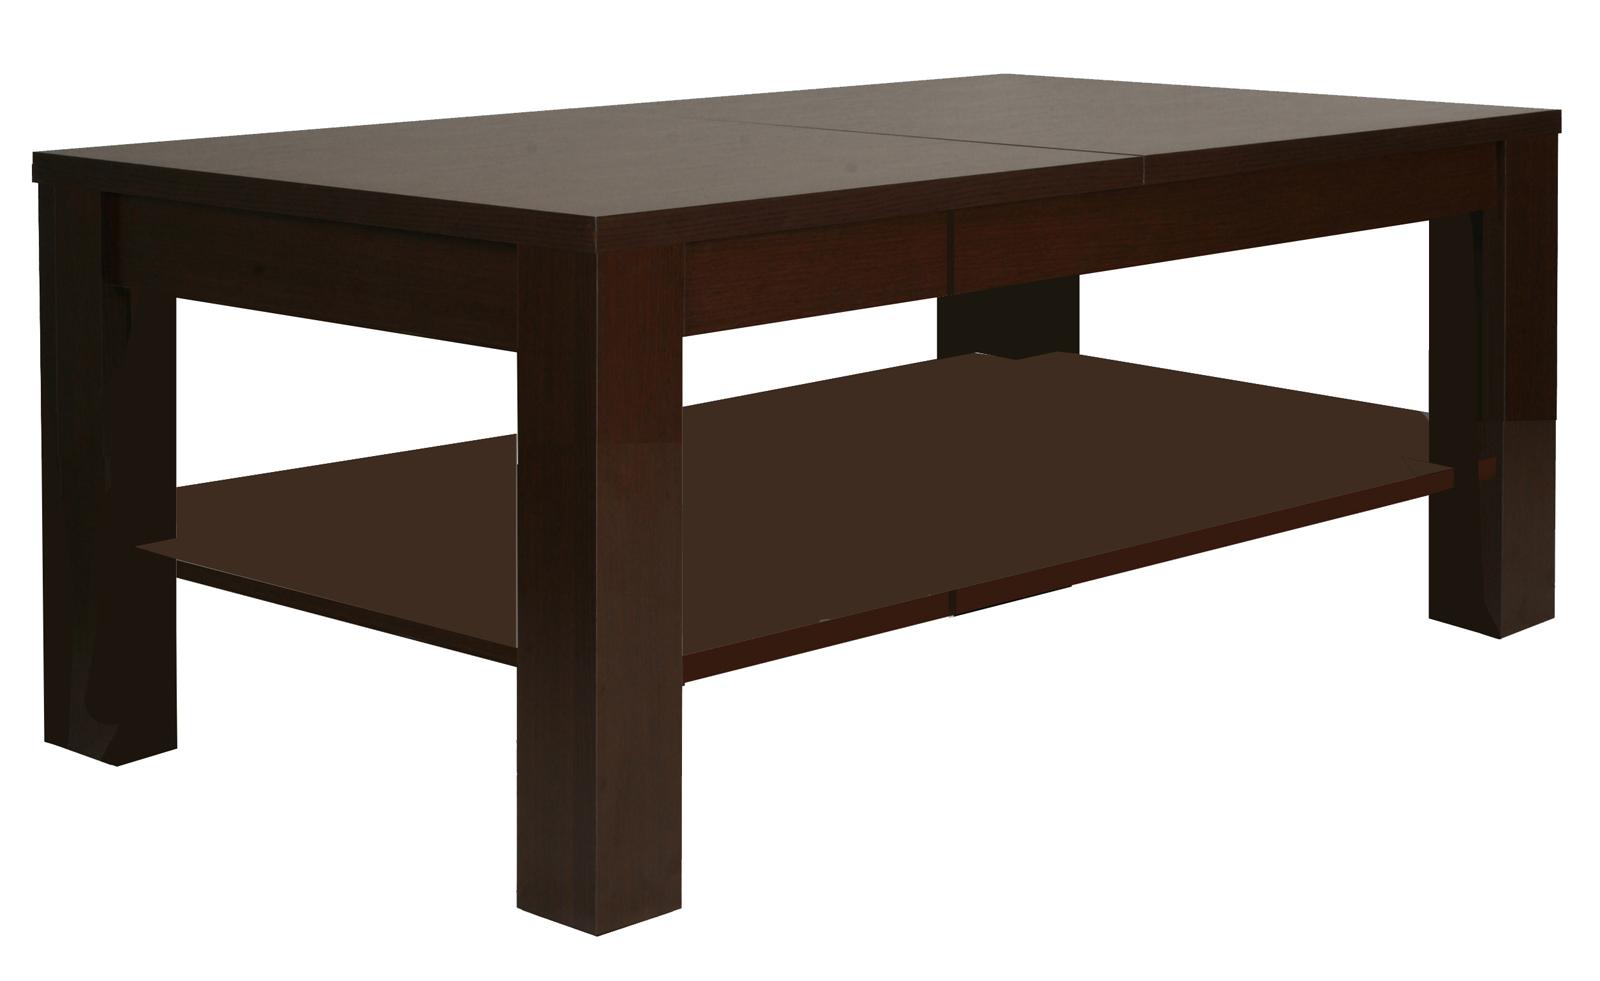 Konferenčný stolík - Tempo Kondela - Pello - Typ 70. Sme autorizovaný predajca Tempo-Kondela. Vlastná spoľahlivá doprava až k Vám domov.